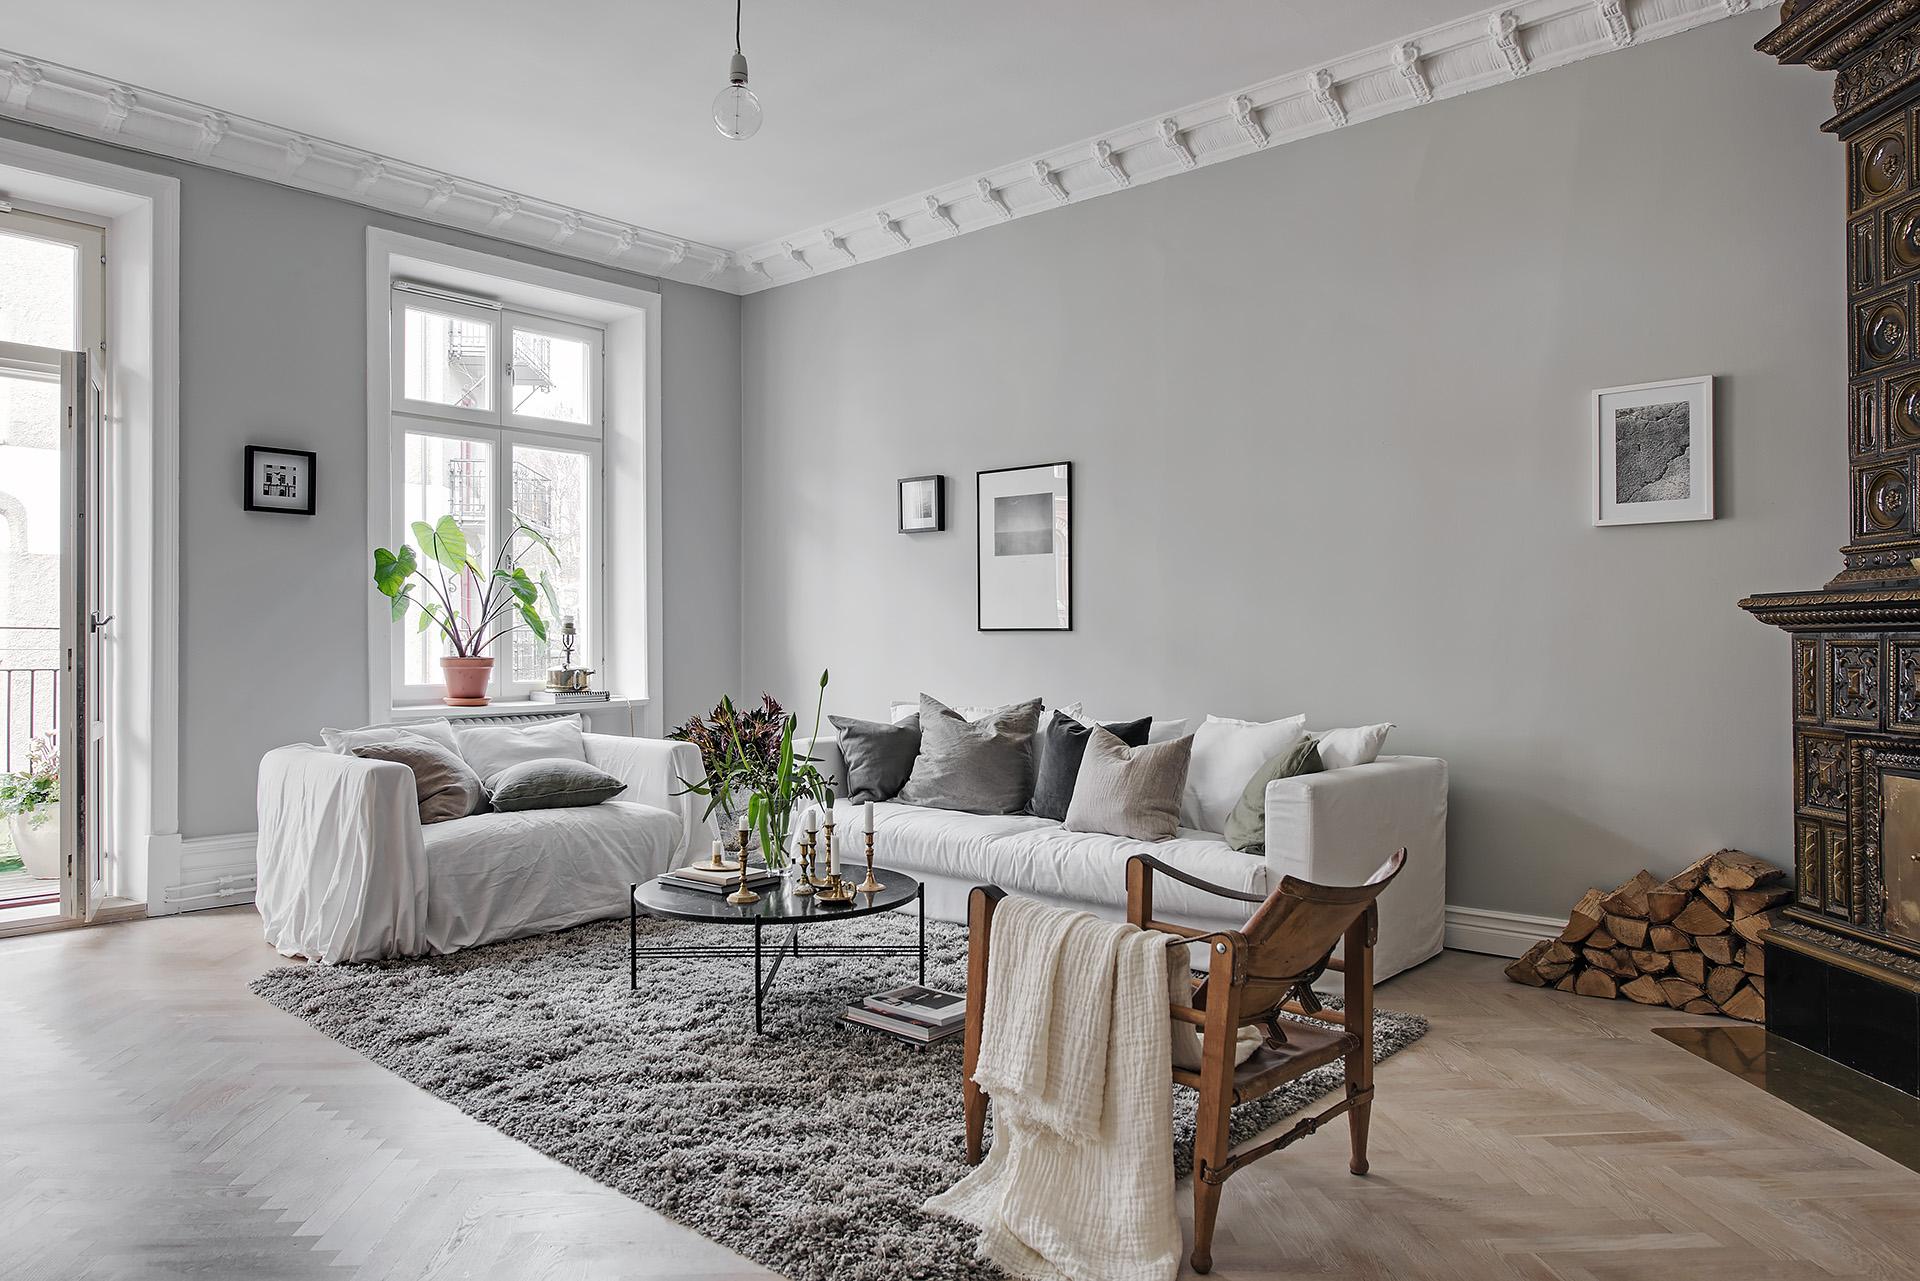 гостиная паркет елочка израсцовая печь дрова серые стены потолочный карниз лепнина белый диван подушки